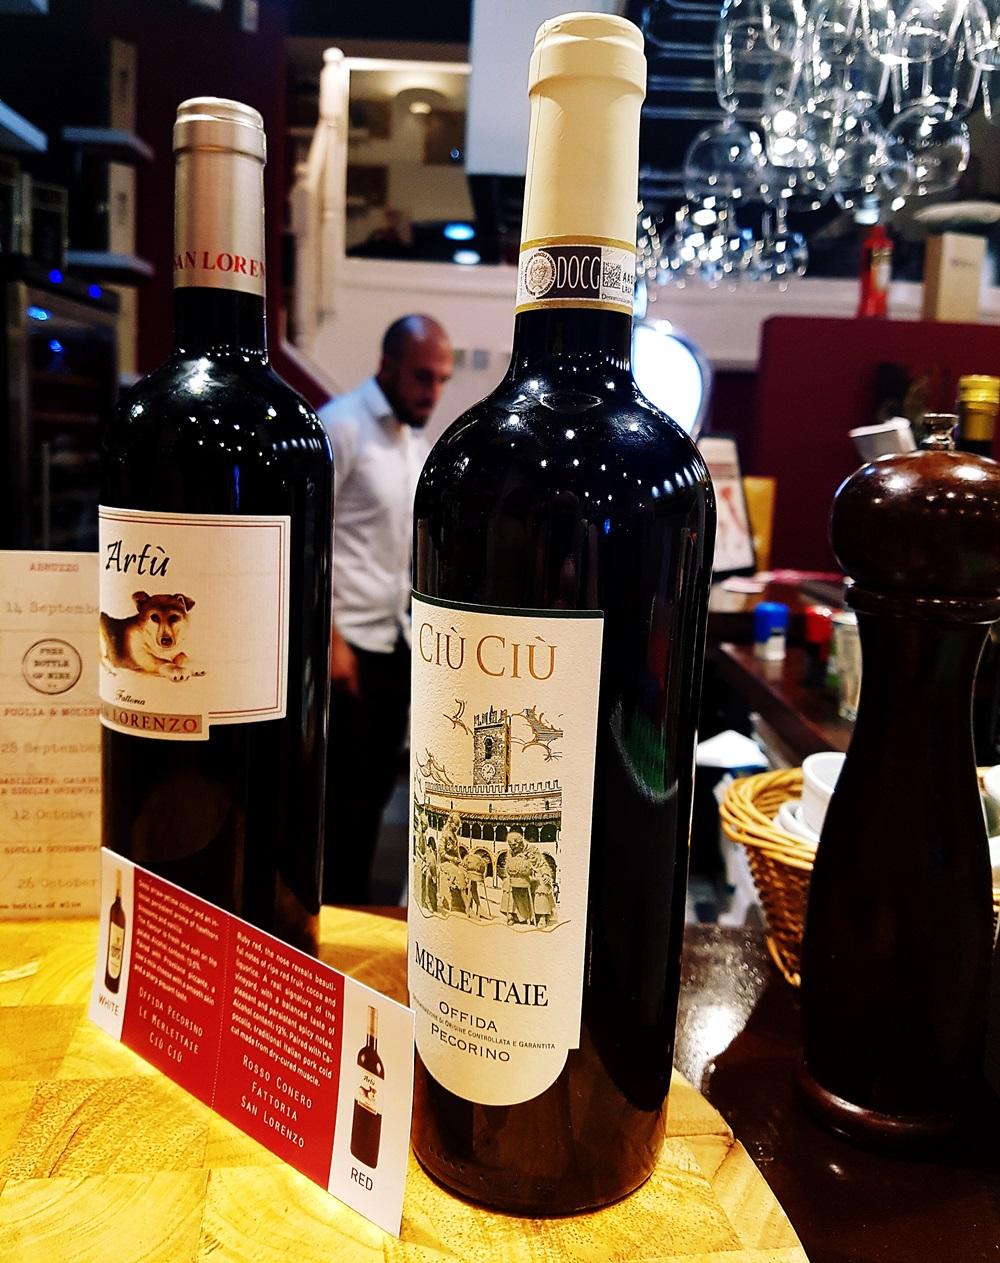 Ciu Ciu for Aperitalia at Veeno Leeds - Restaurant Review by BeckyBecky Blogs